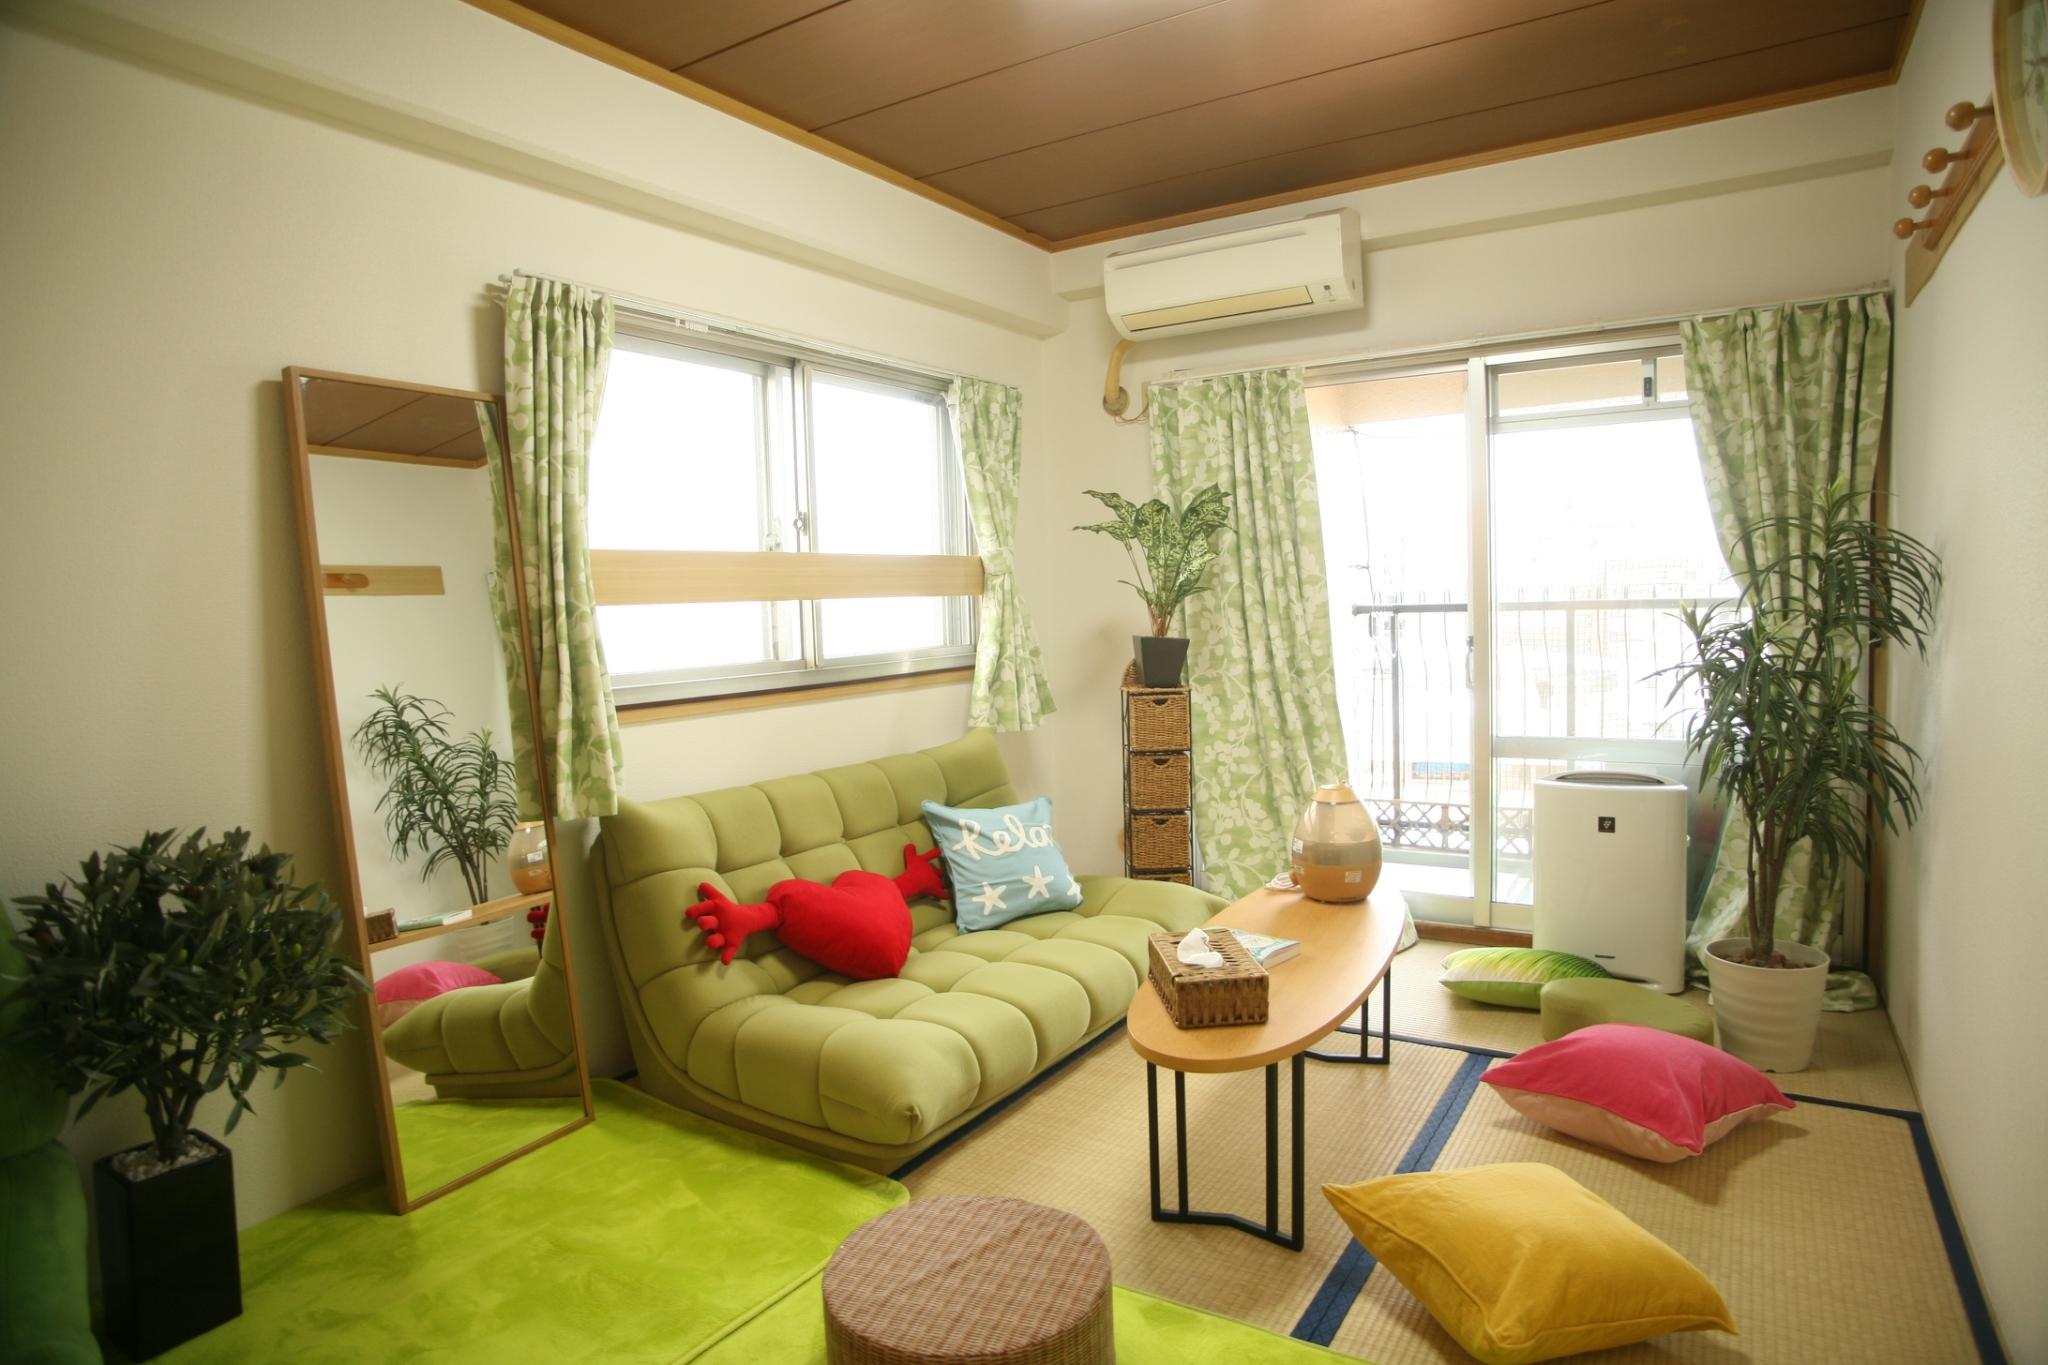 明るい和室でのんびりお過ごしください - ご縁カフェ金山レンタルルーム 洋室と和室★2部屋でゆったり空間の室内の写真